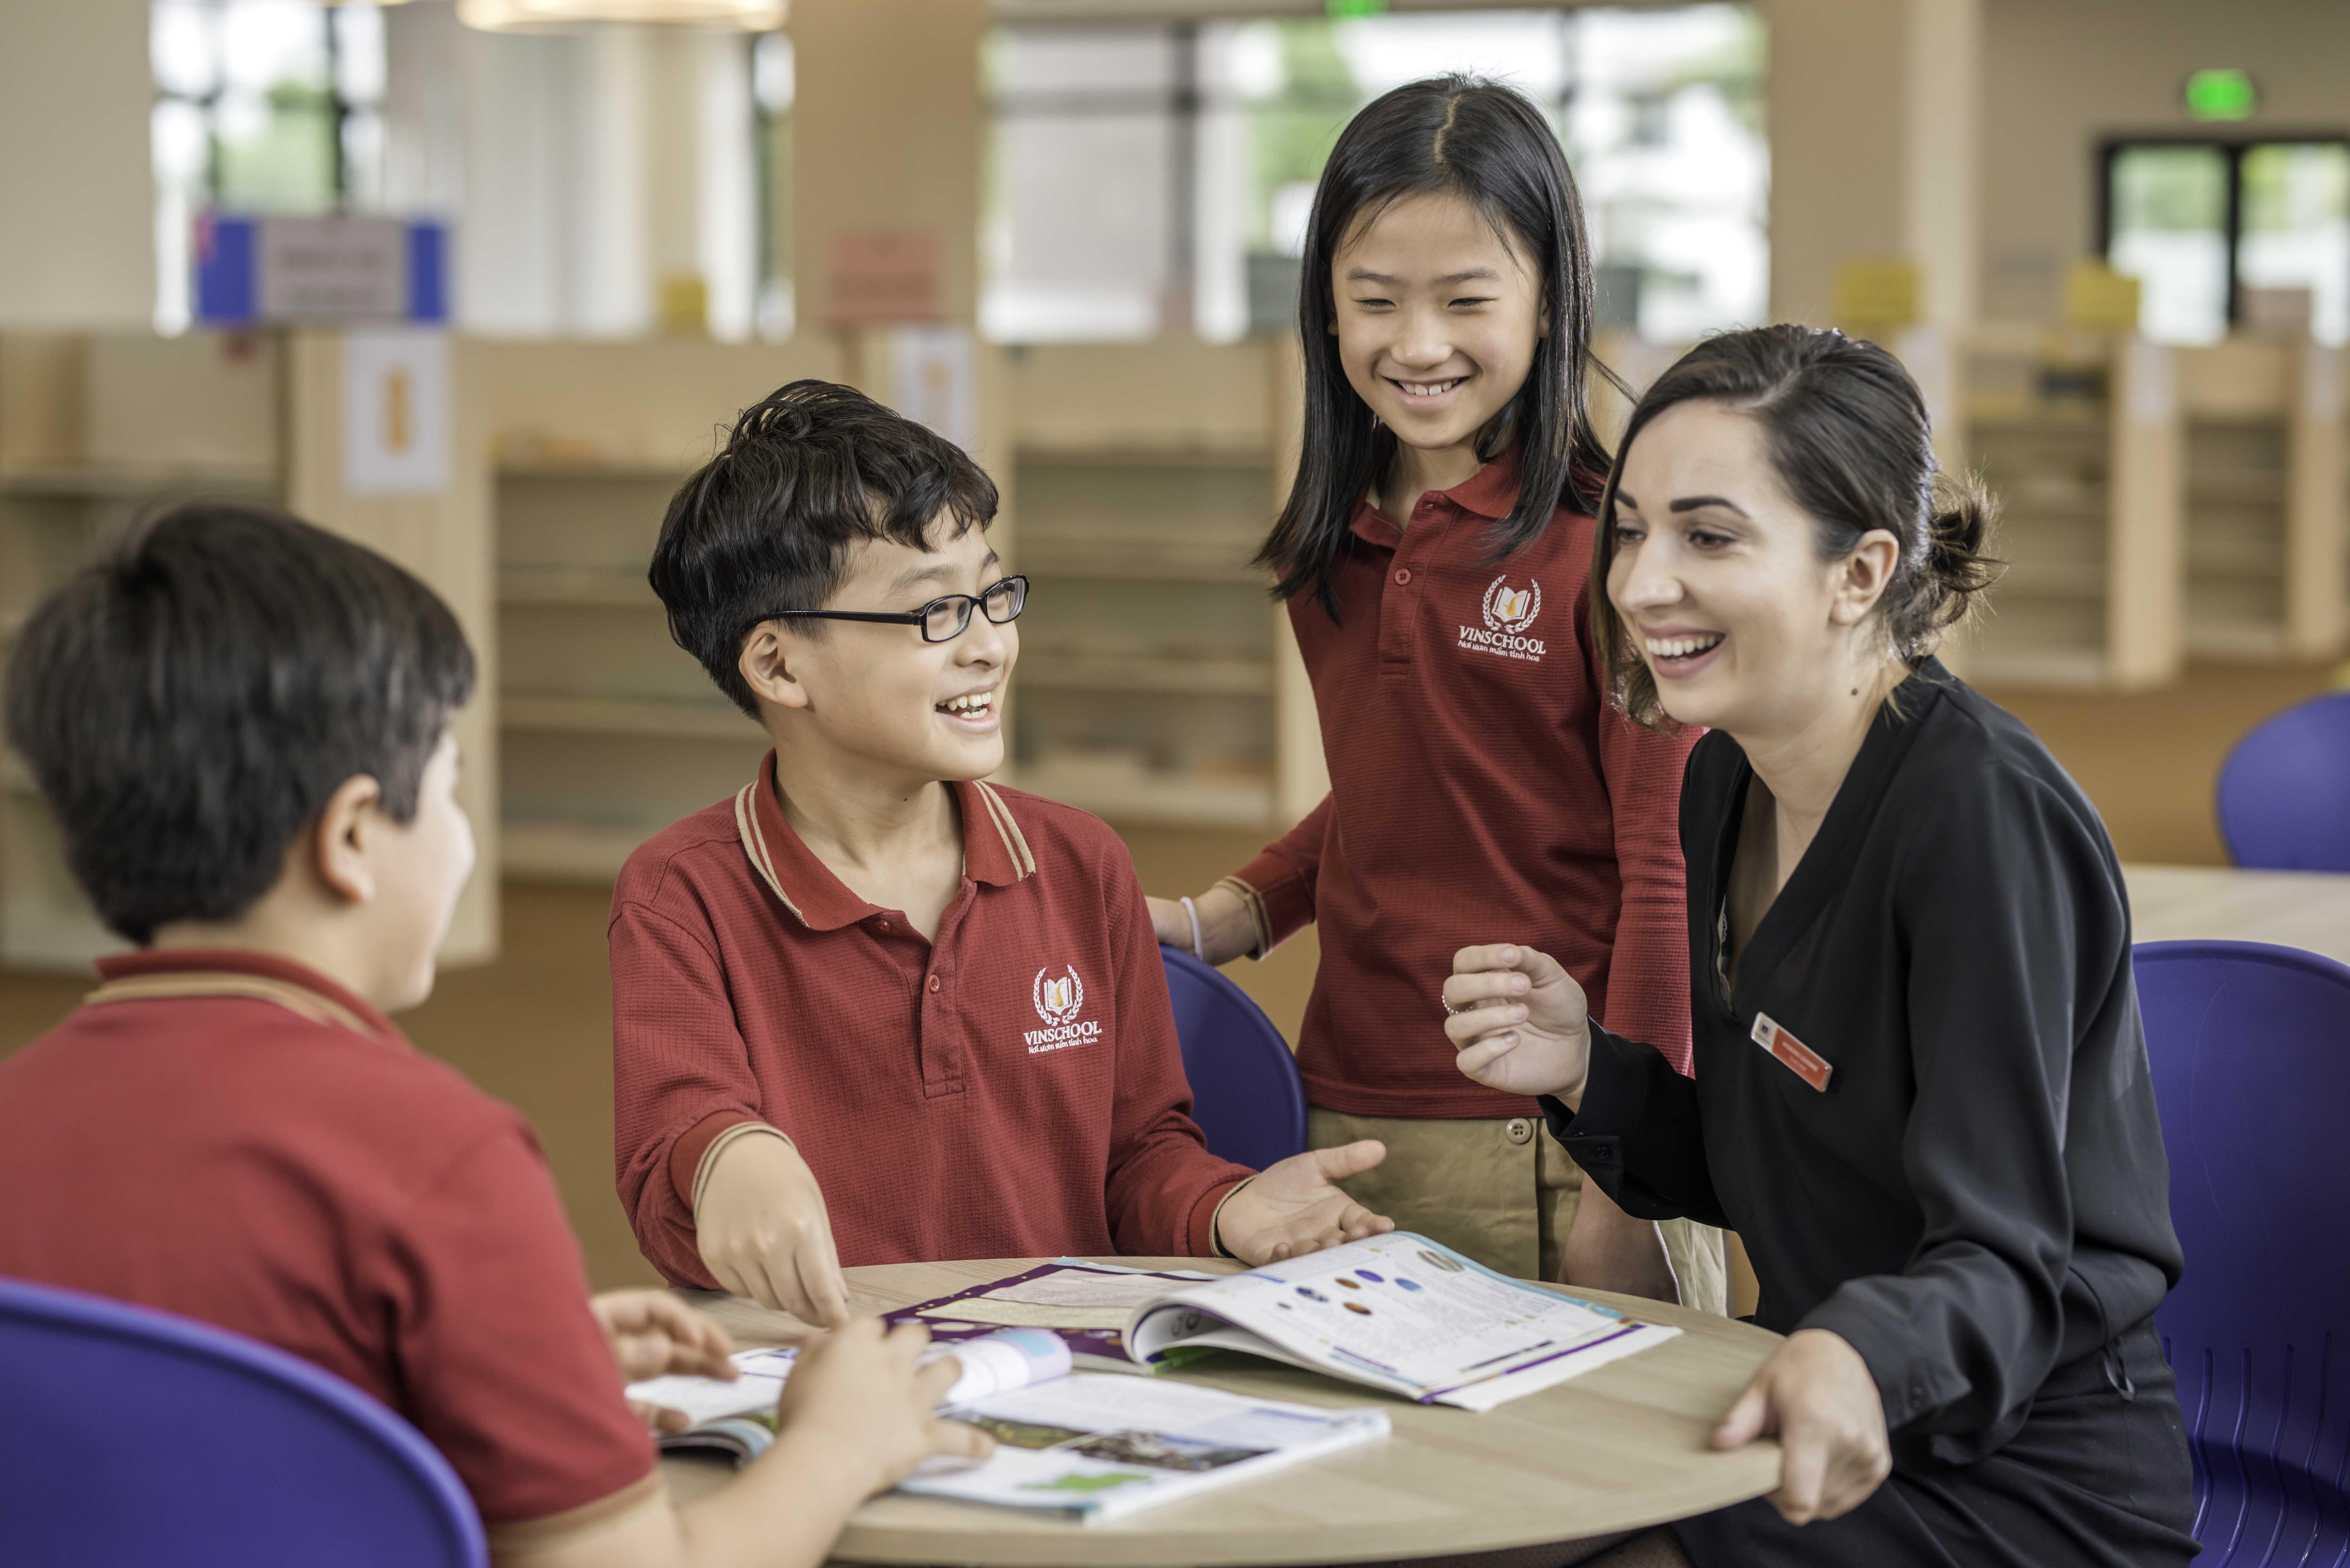 Thông báo V/v: Kế hoạch dạy học trực tuyến cho Học sinh từ ngày 18/02/2020